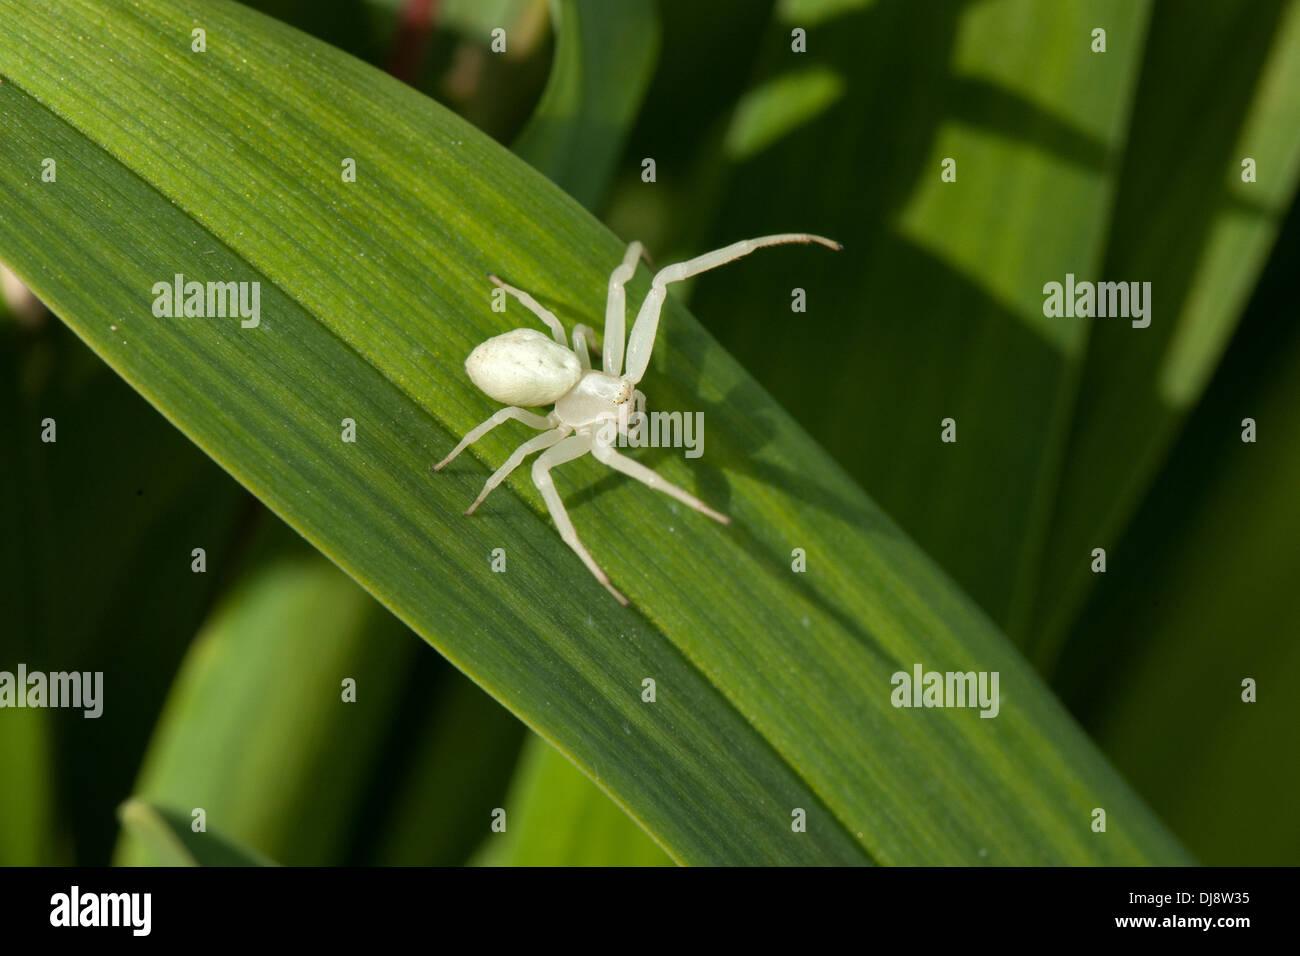 A White Crab Spider Basks In The Sun In A Devon Uk Garden